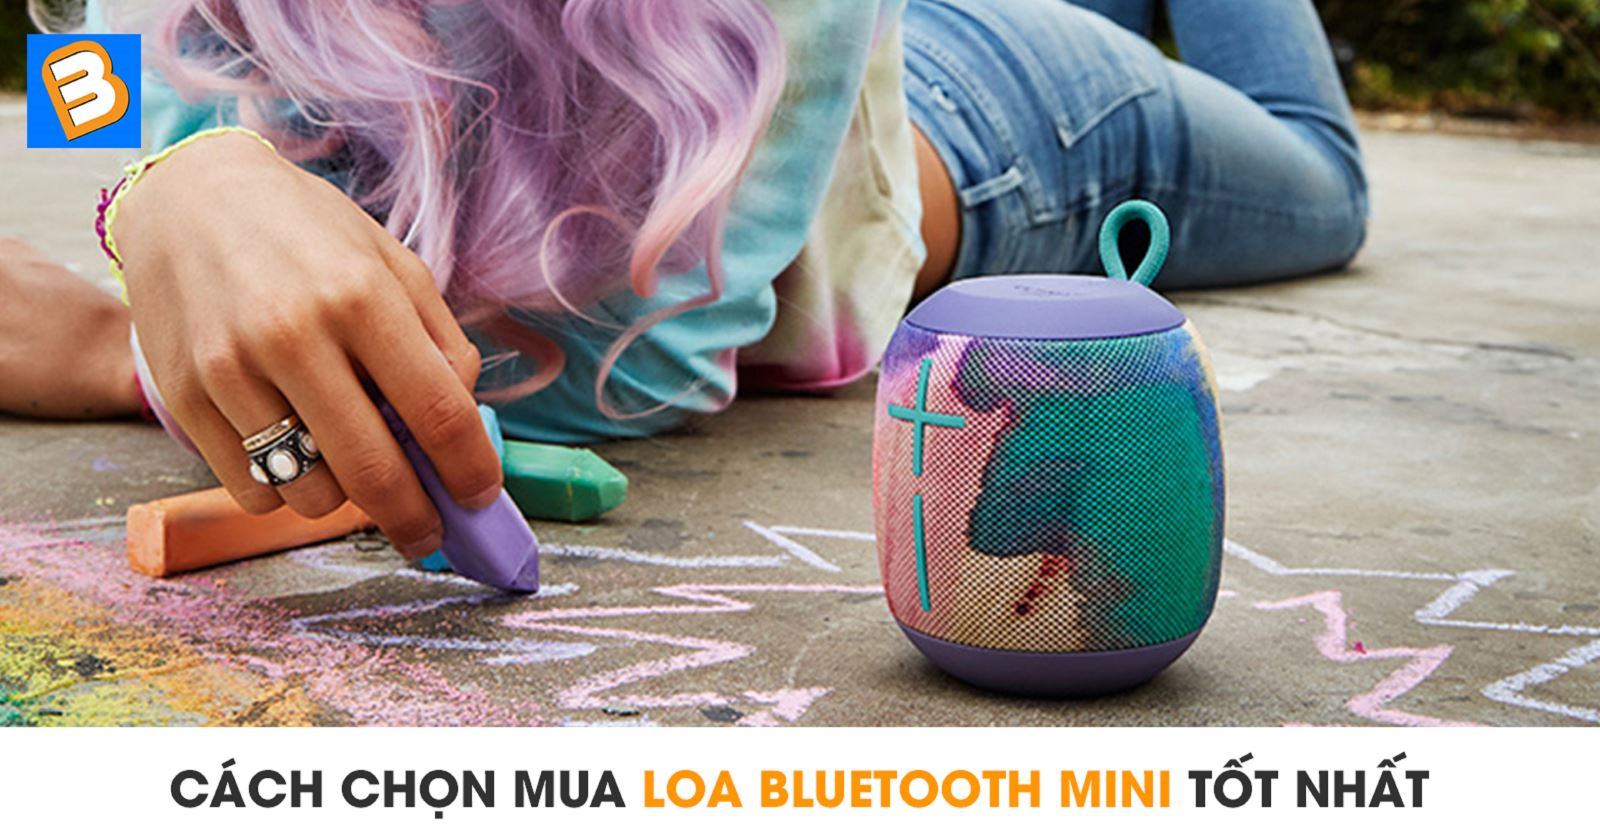 Cách chọn mua loa bluetooth mini tốt nhất